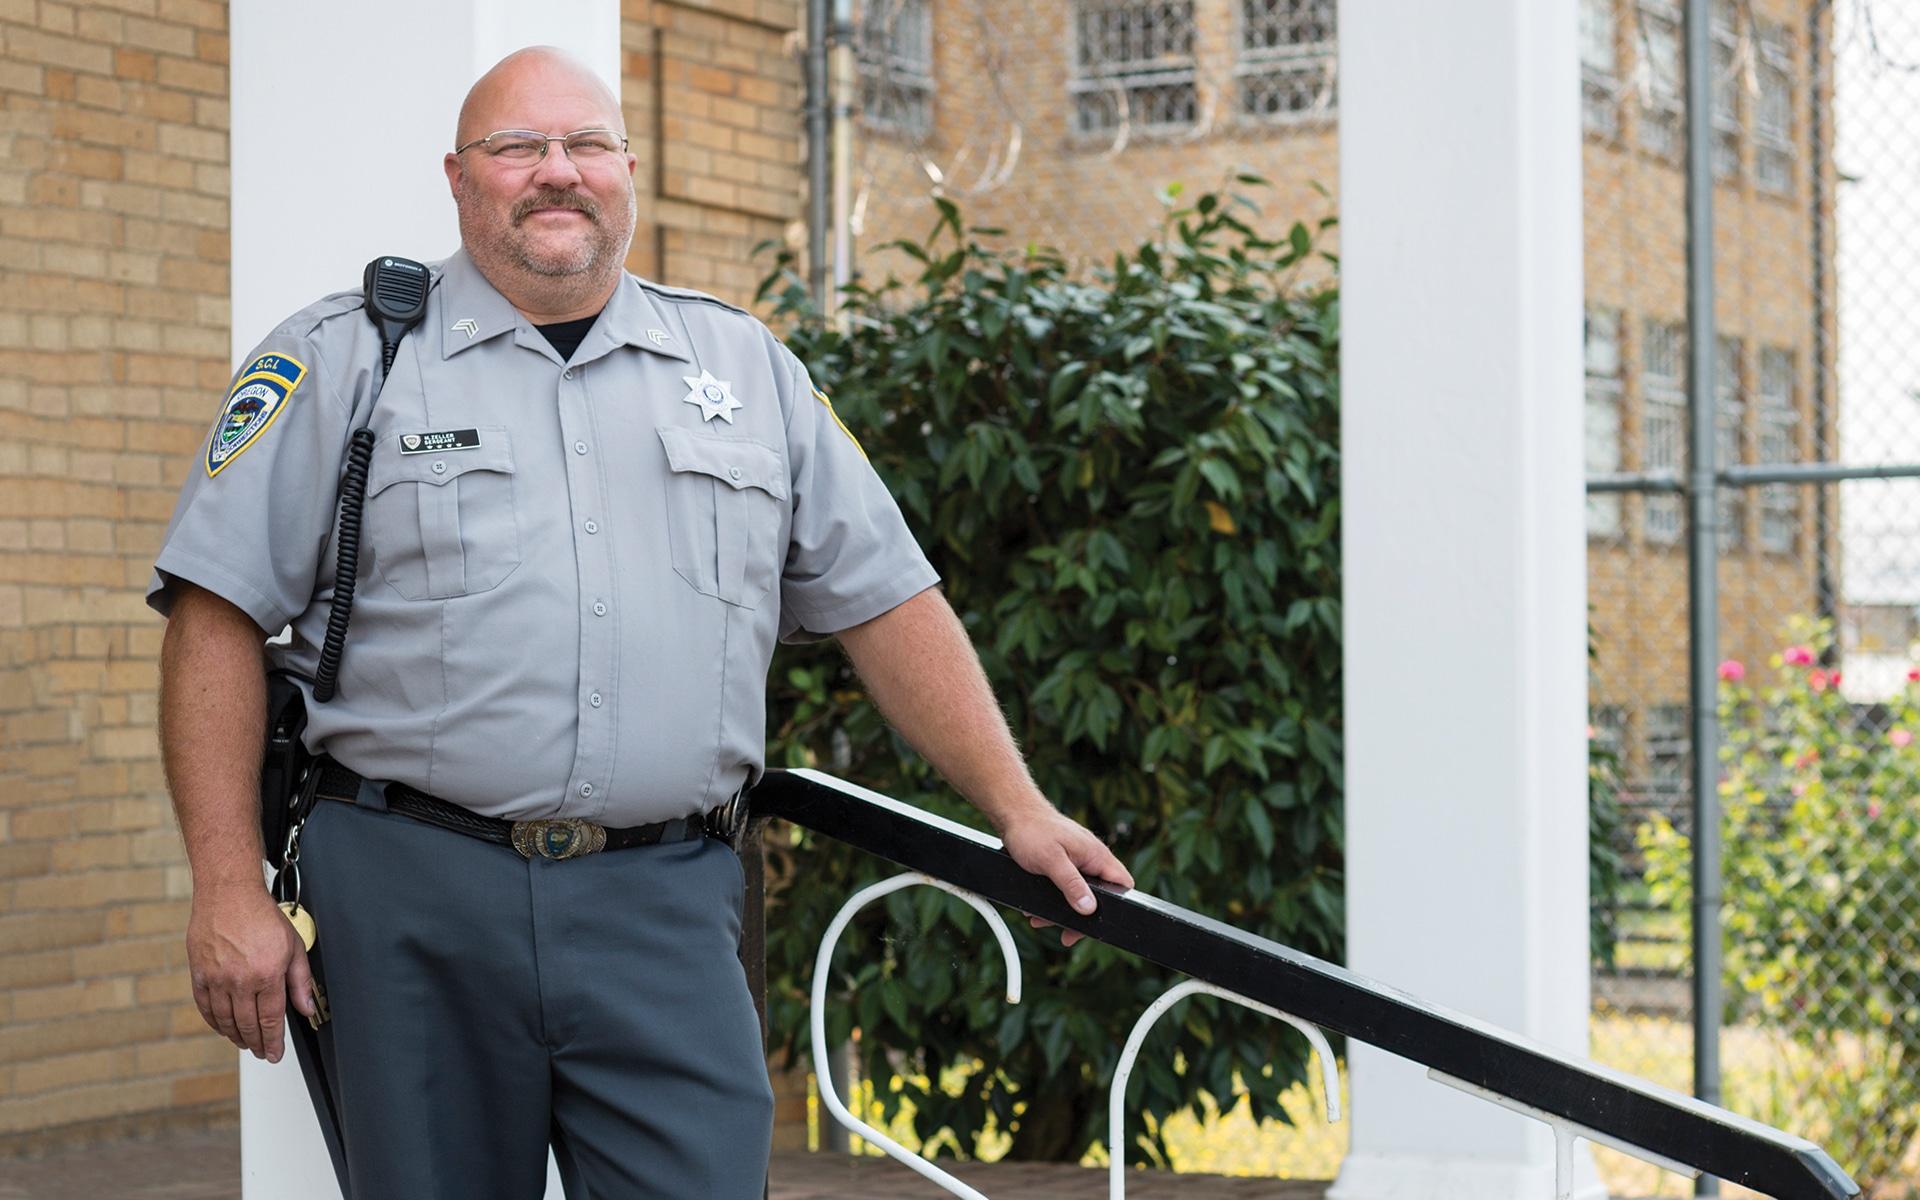 Matthew Zeller, corrections officer